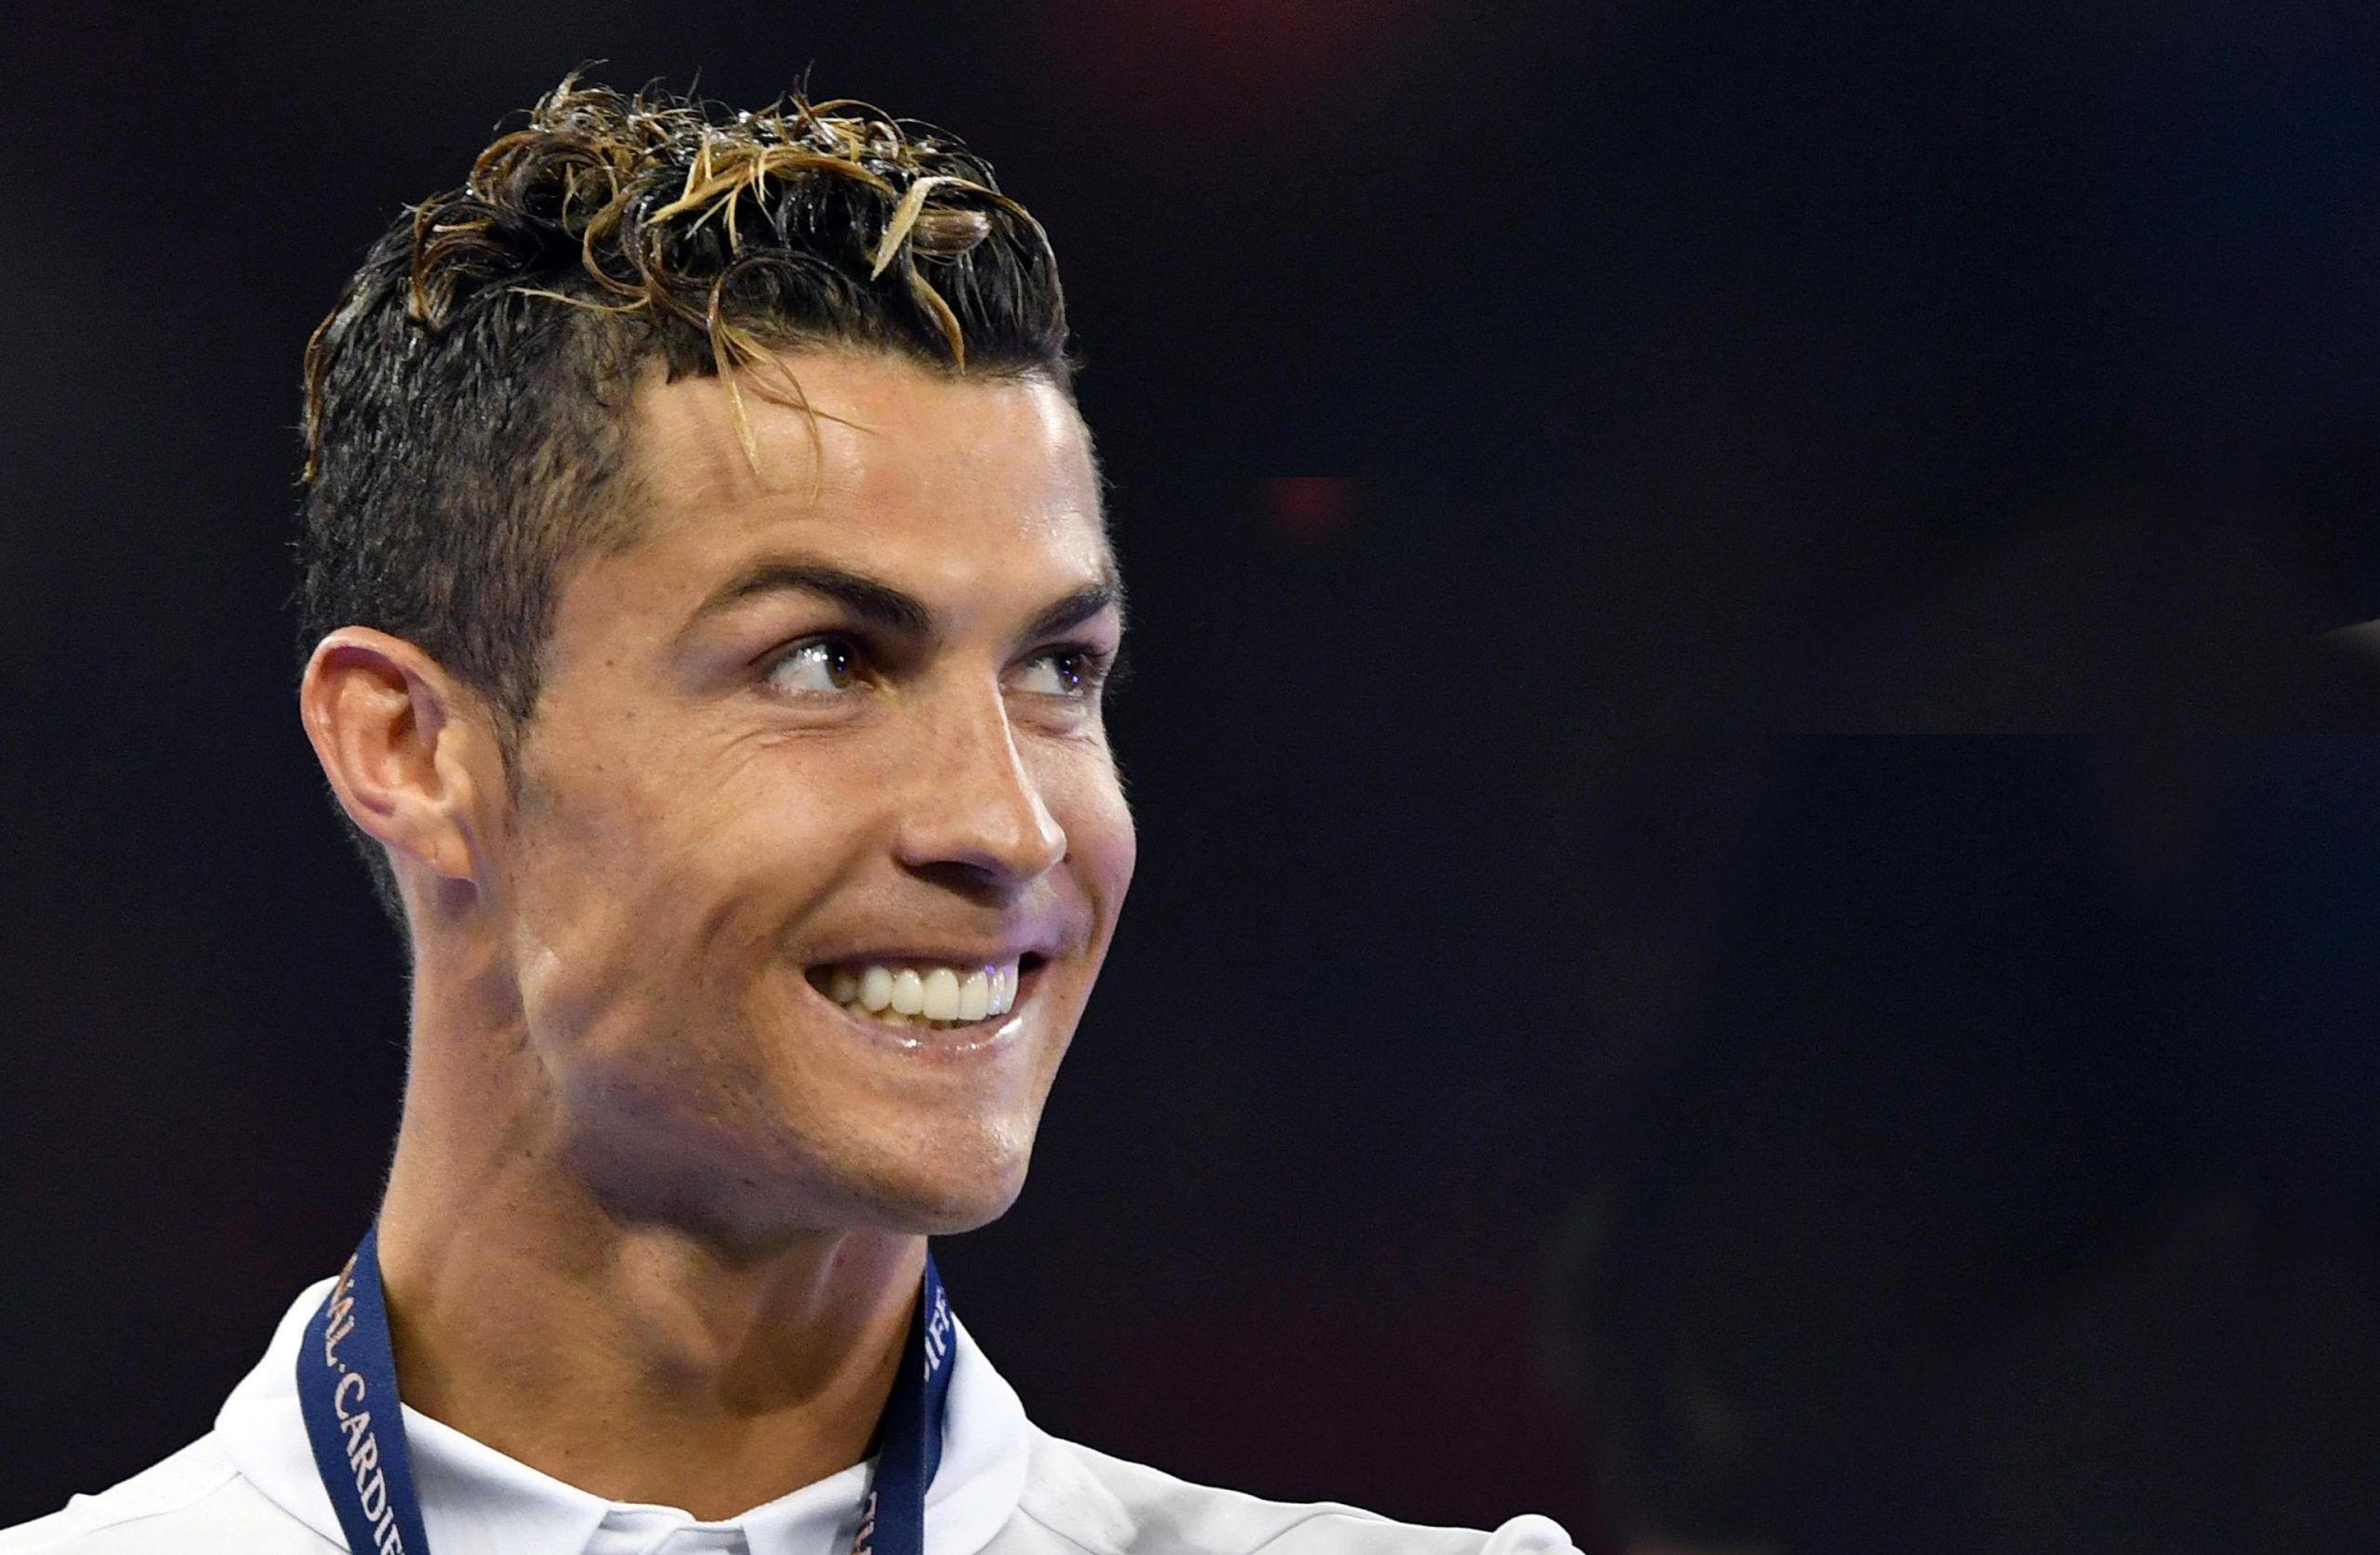 Cristiano Ronaldo: Real Madrid addio dopo le accuse di frode fiscale?